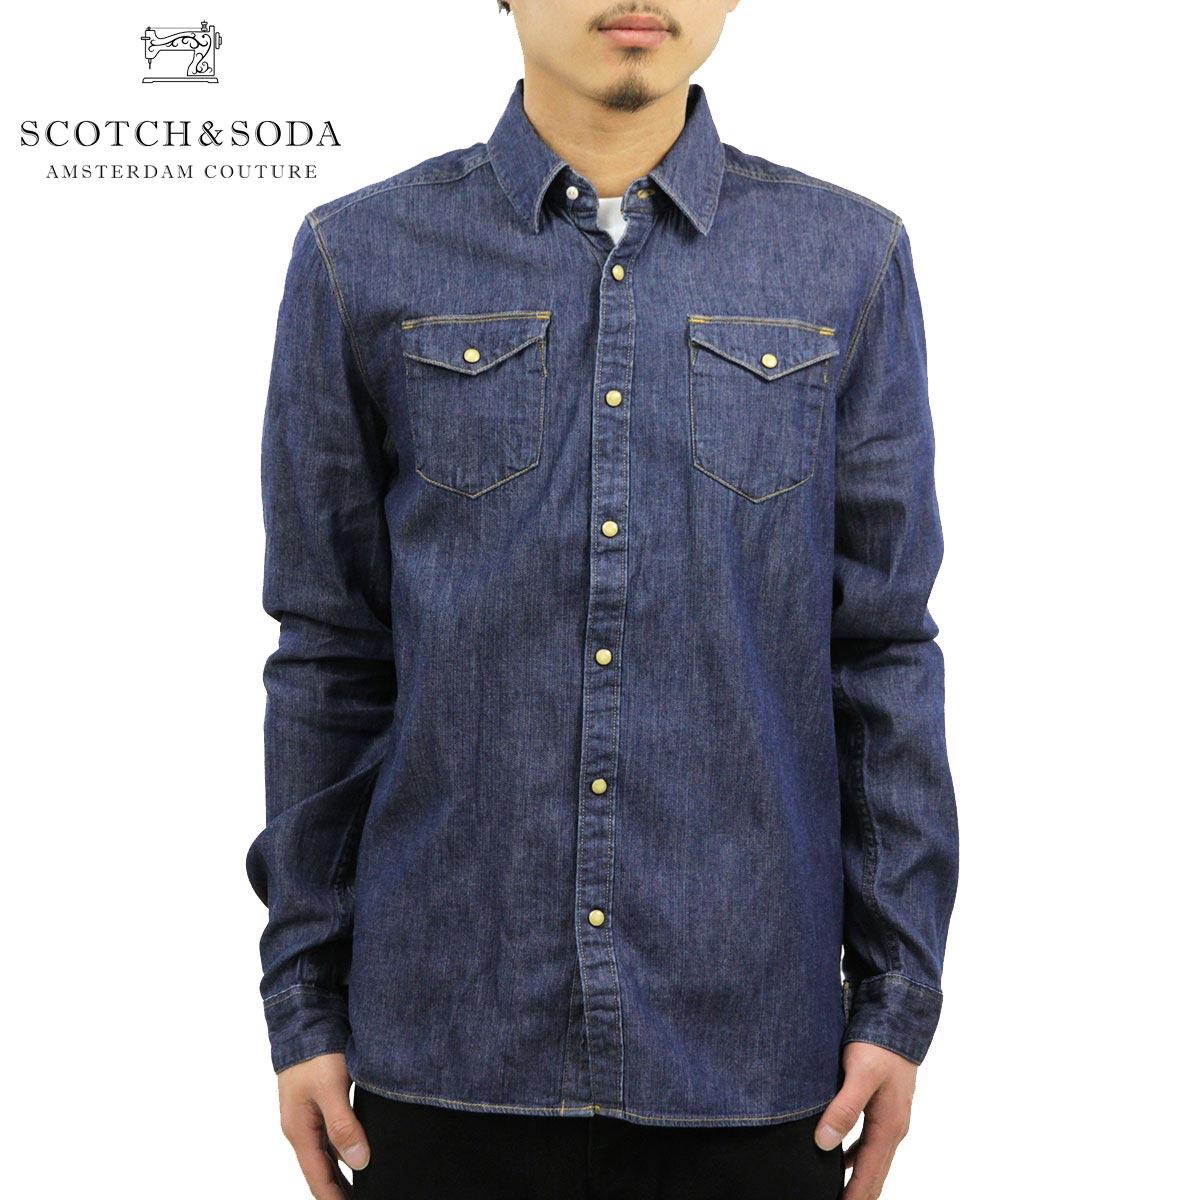 スコッチアンドソーダ SCOTCH&SODA 正規販売店 メンズ 長袖シャツ Amsterdams Blauw classic weatern shirt 128093 F D15S25